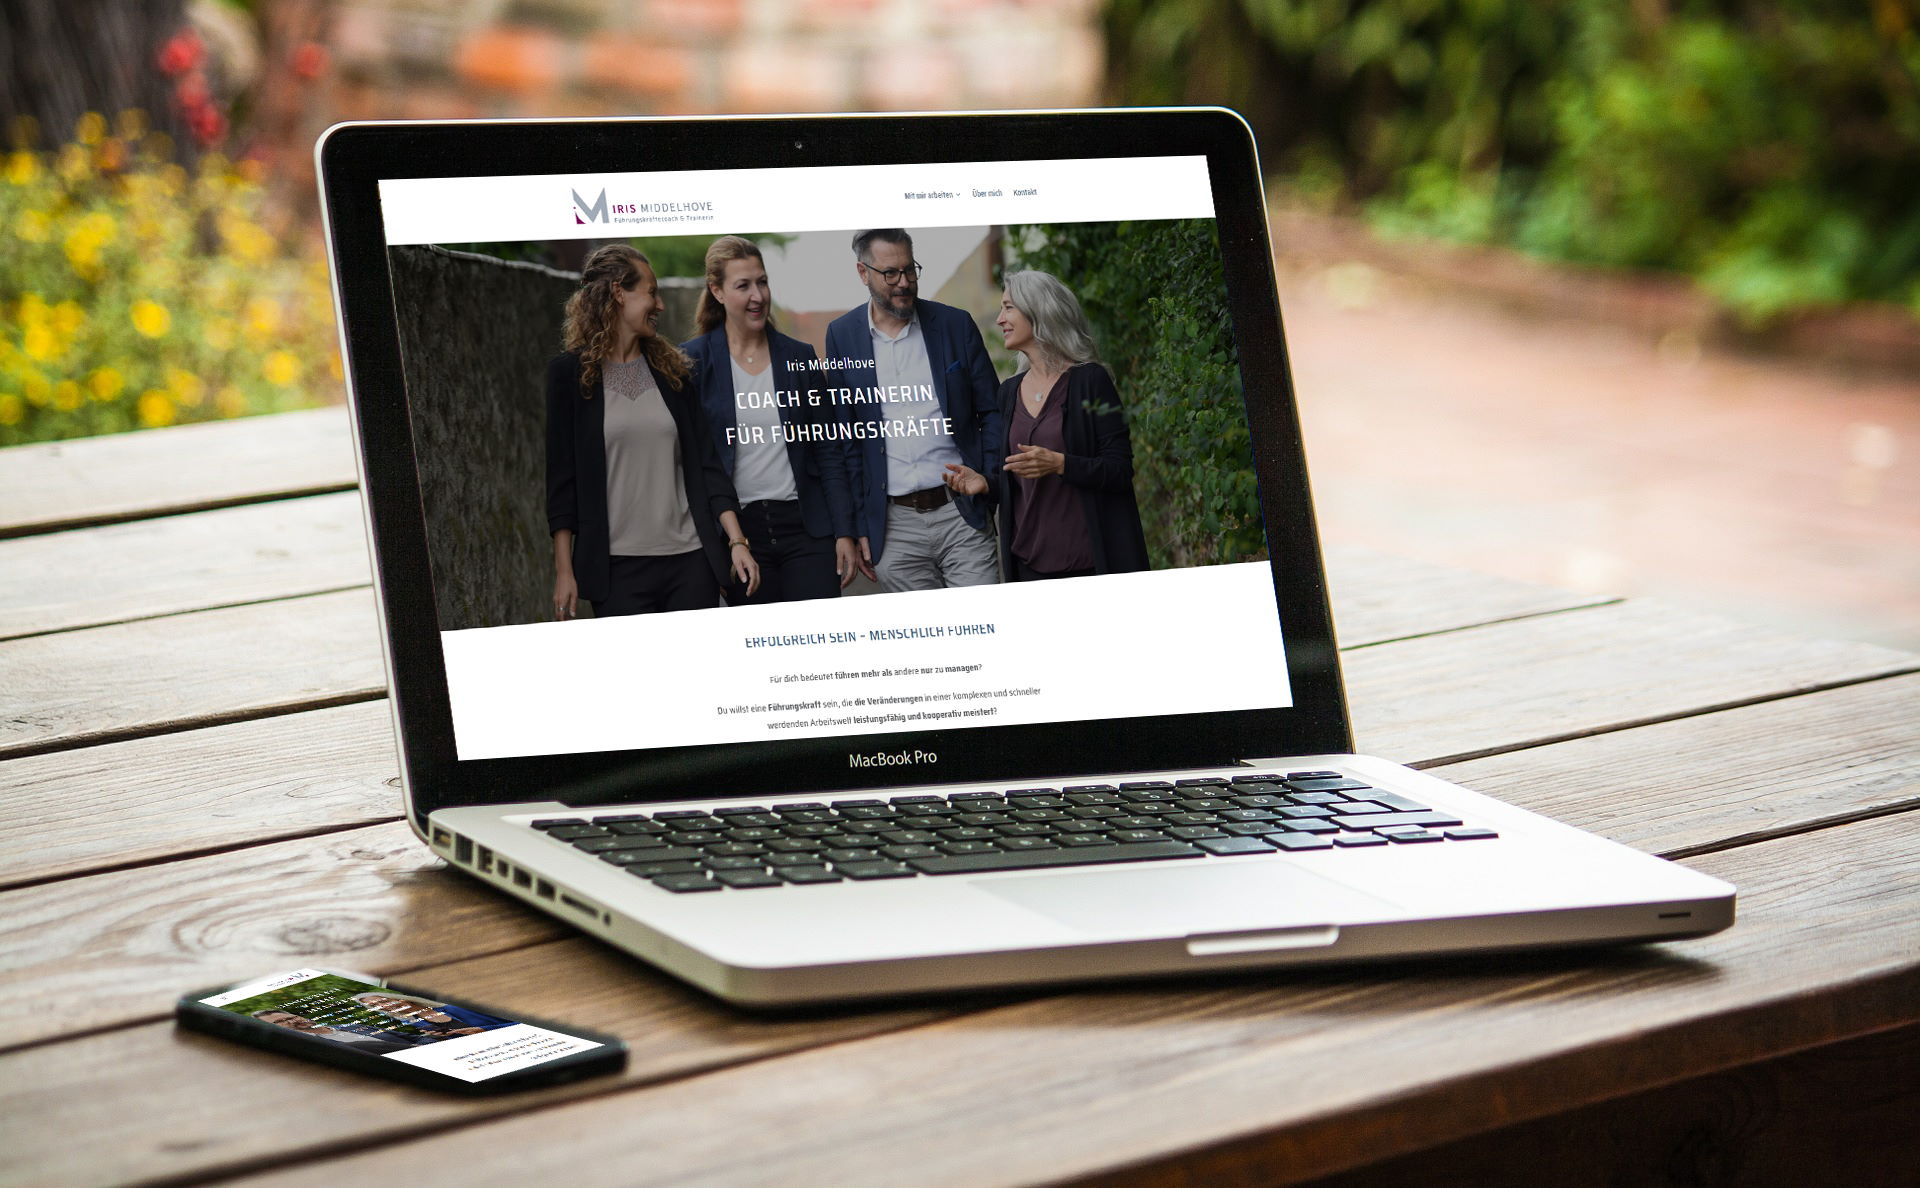 Referenz für Webdesign | Business Working Mom Coaching